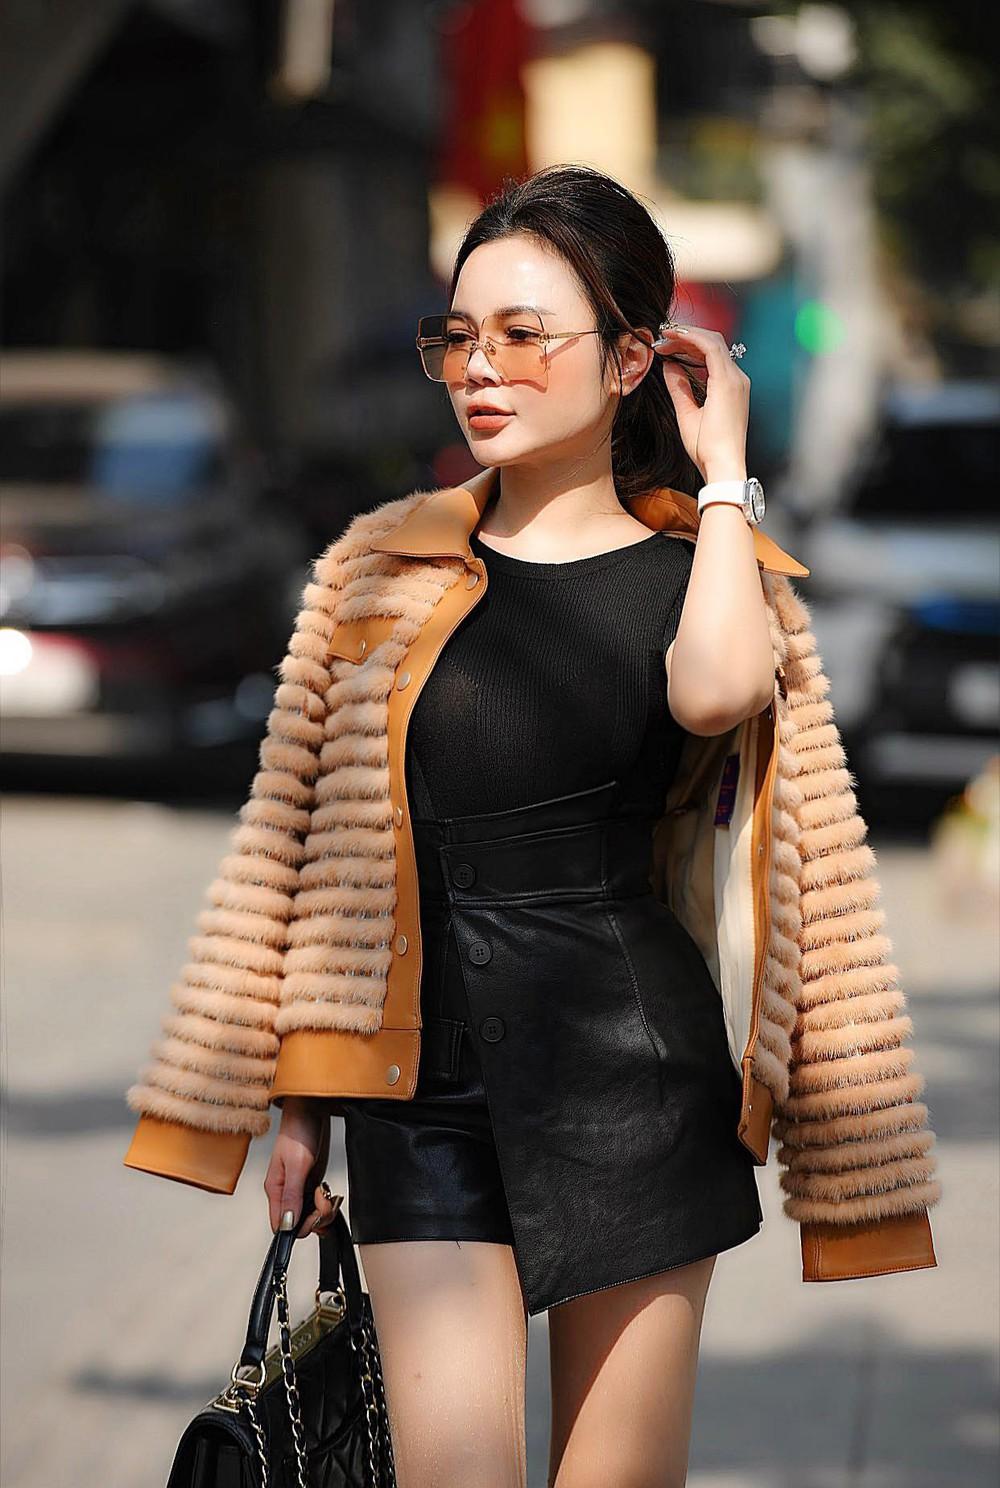 Nhan sắc nữ diễn viên Cả một đời ân oán Hồng Phương ở tuổi 38 - Ảnh 6.